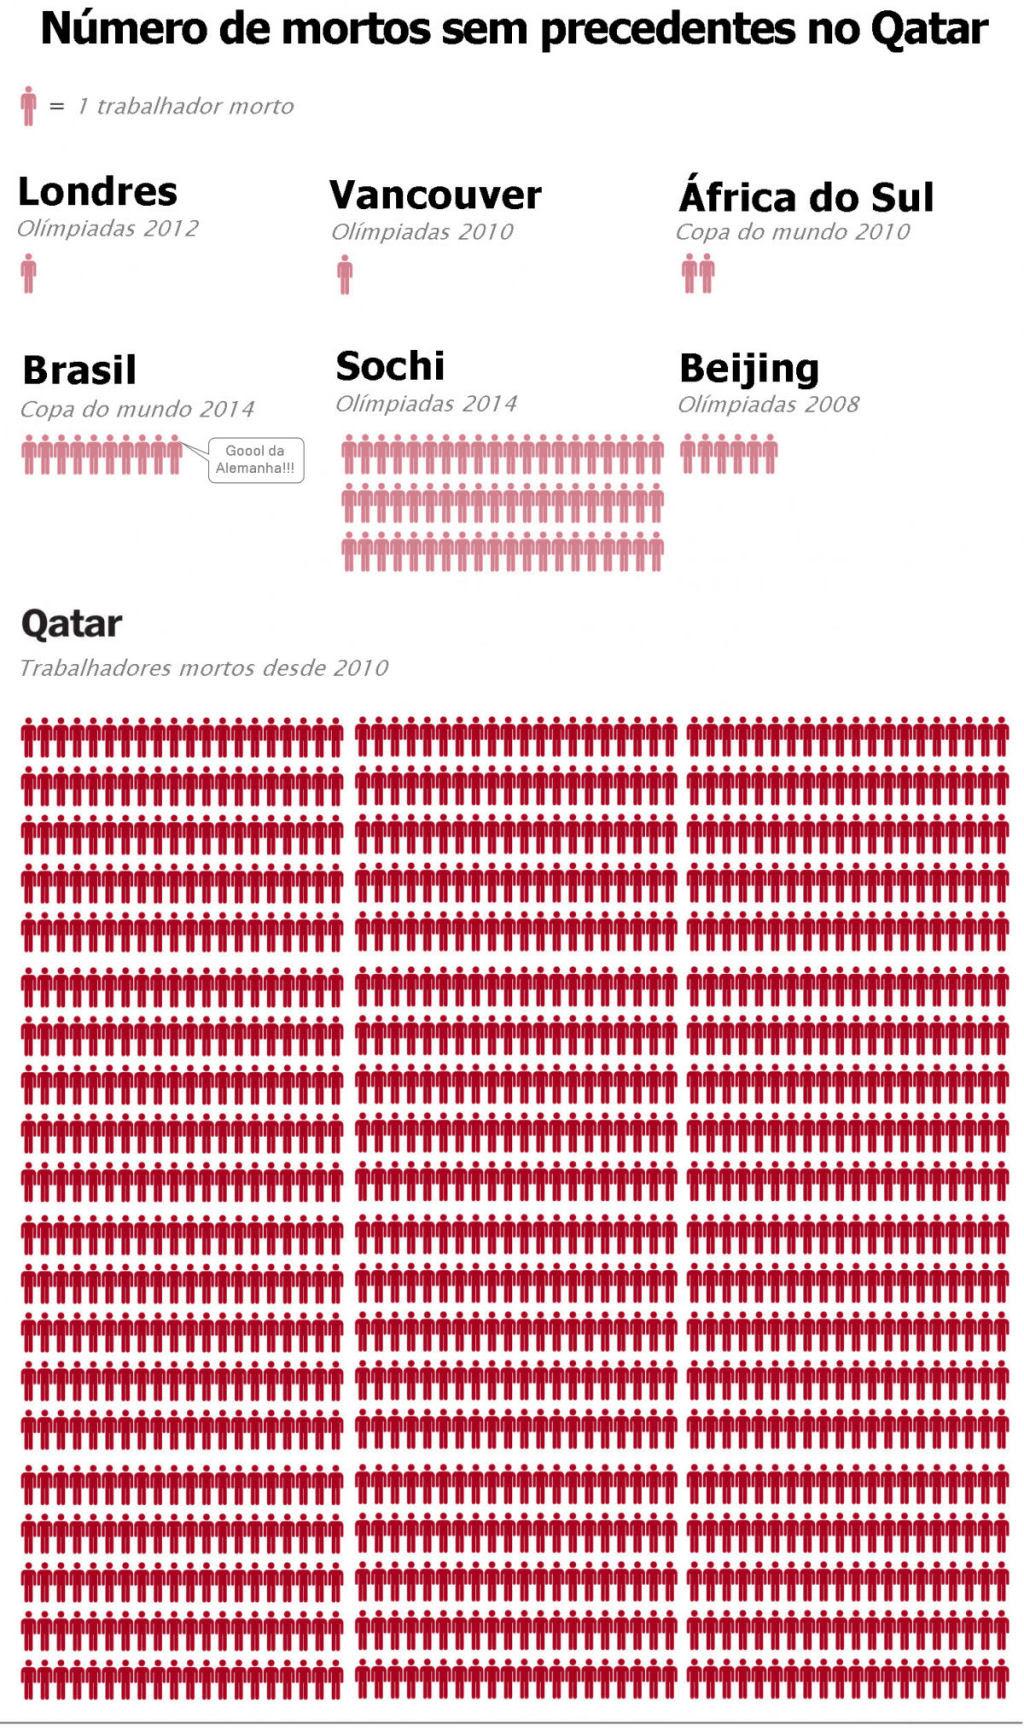 O número de mortos na preparação para o Mundial do Qatar 2022 é alarmante